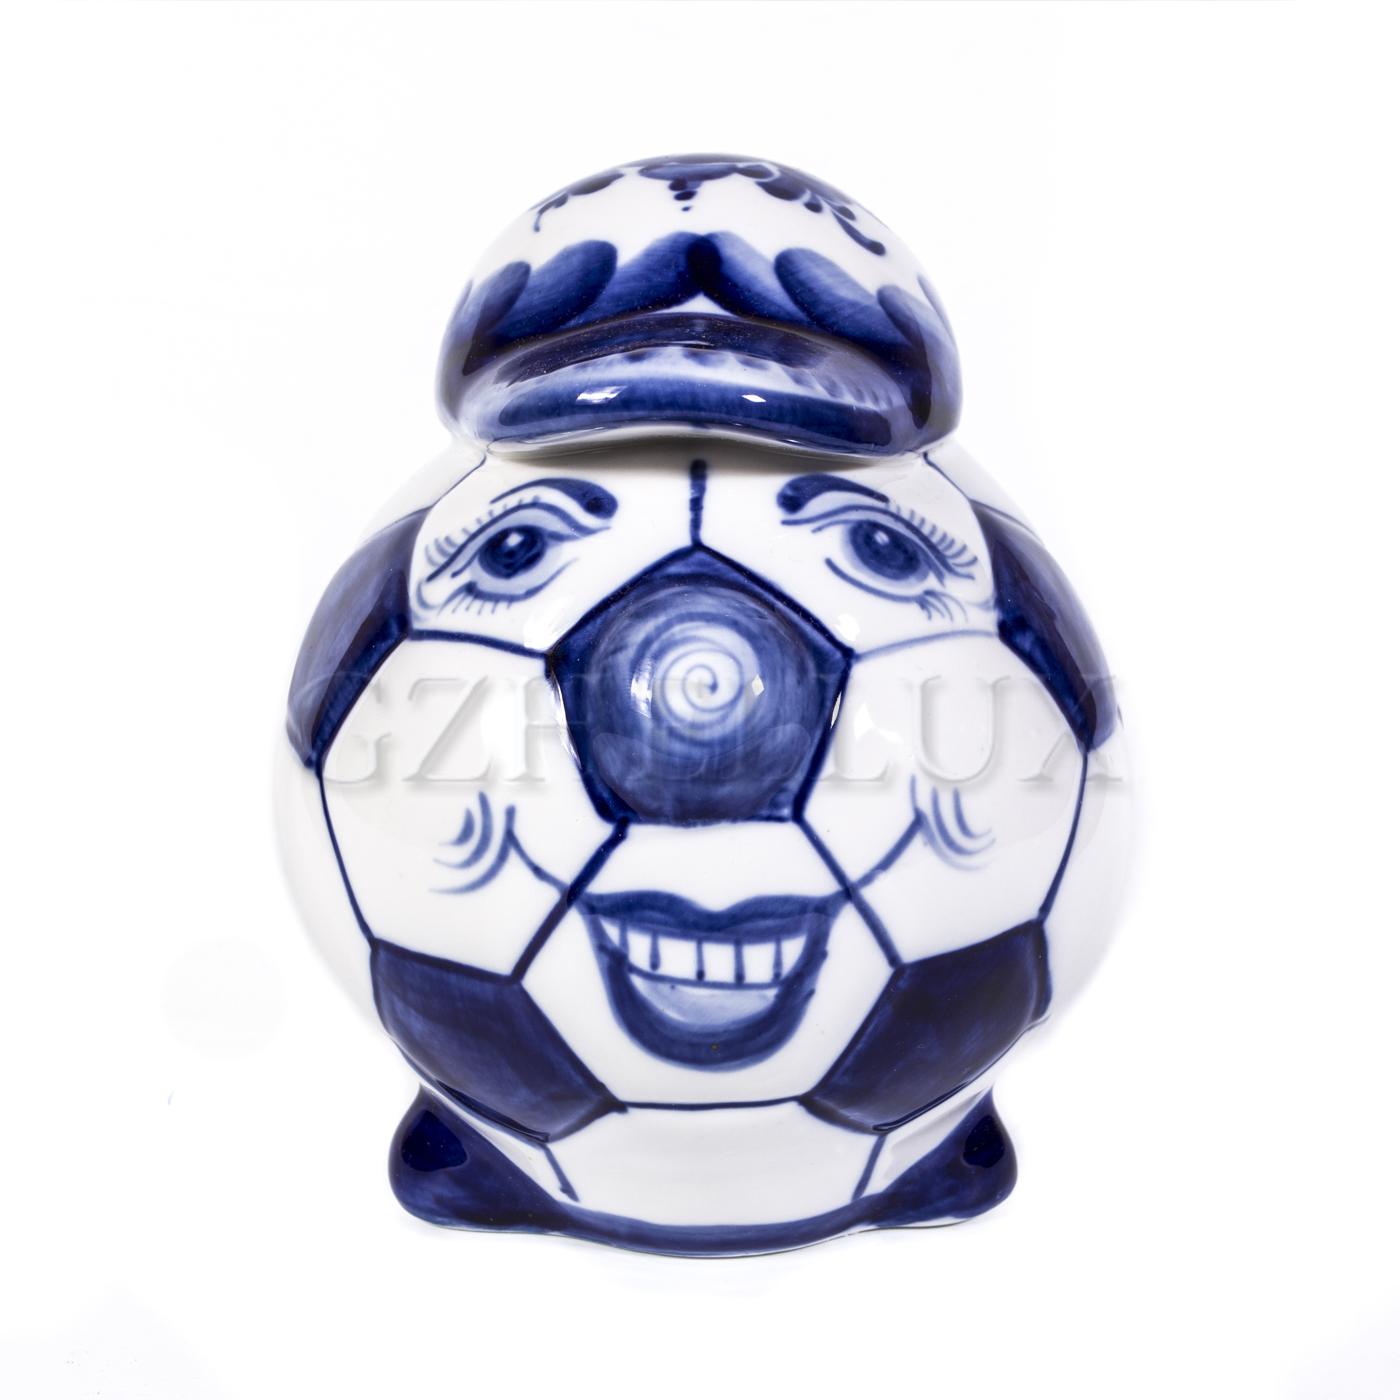 Скульптура «Мяч в кепке»